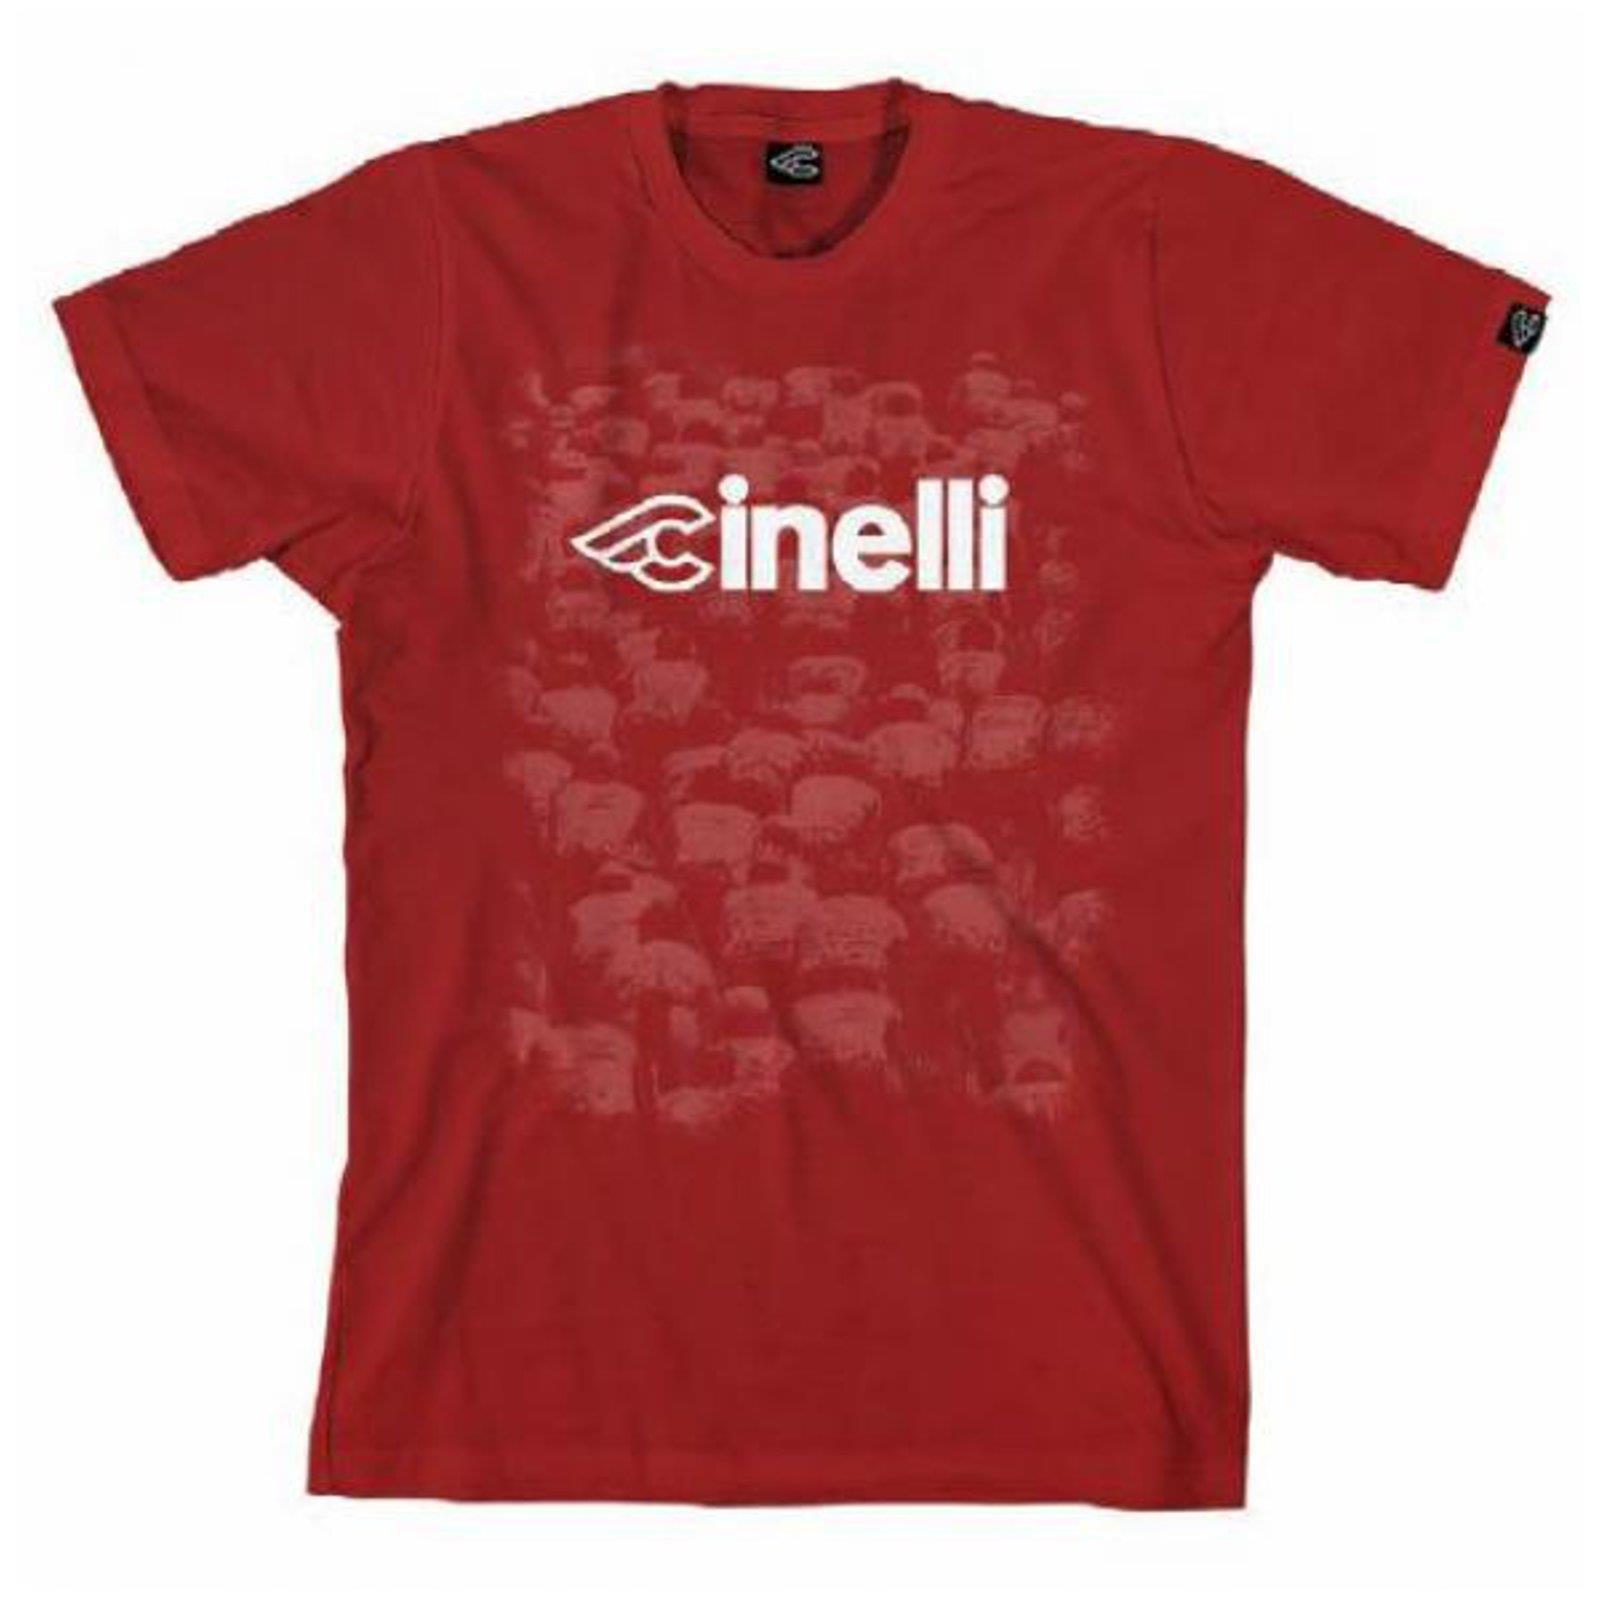 Cinelli T-Shirt Italo Gruppo Kardinal red Original Merchandise Shirt Qualität